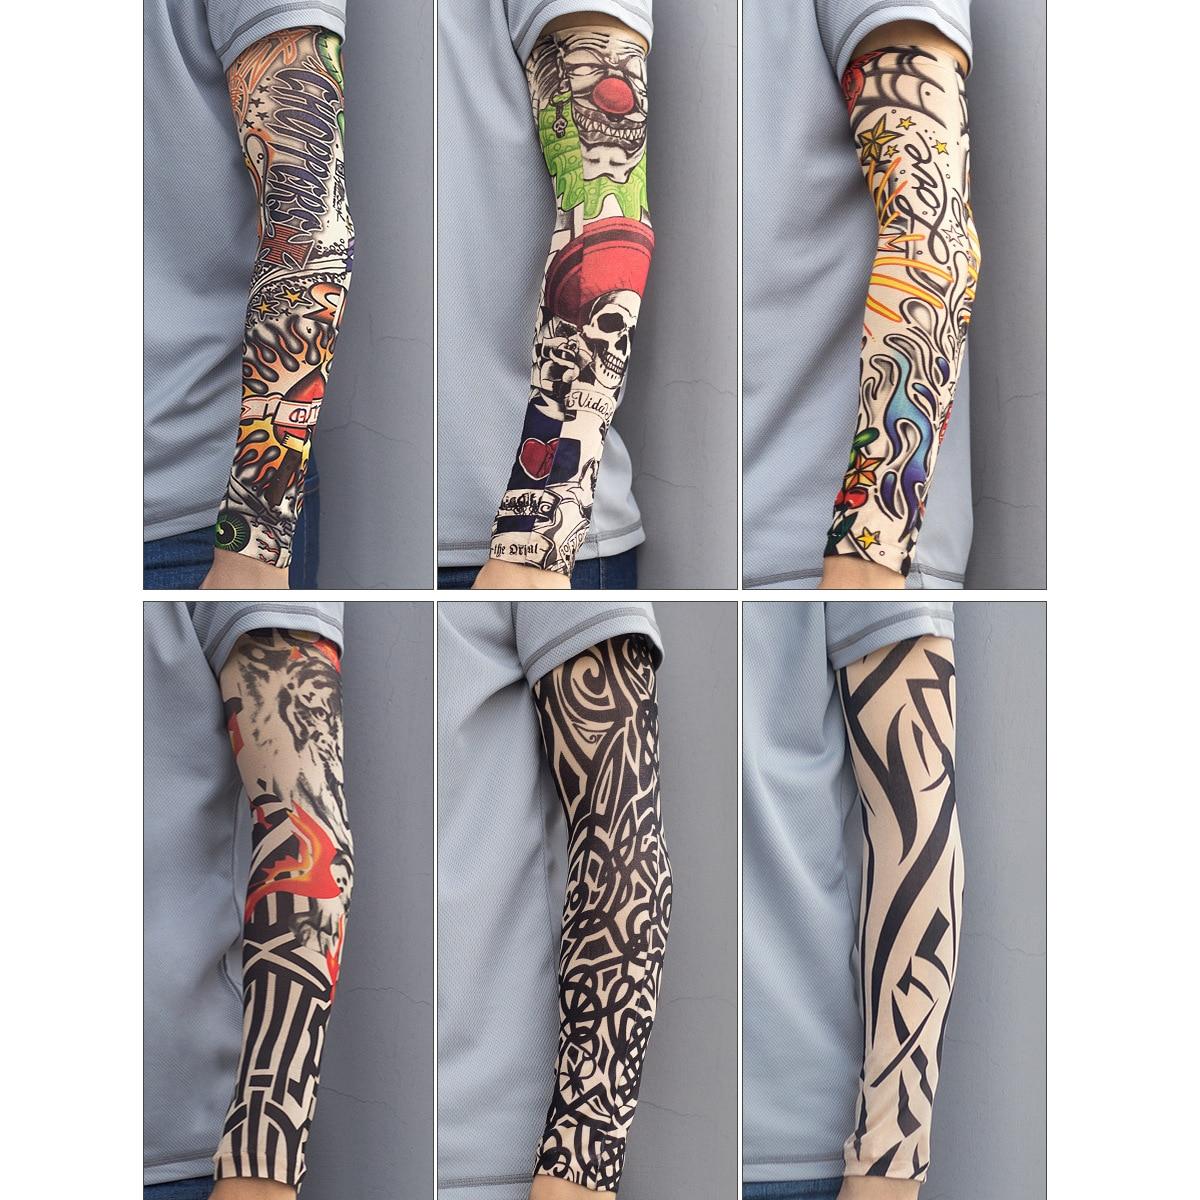 1 шт. набор нарукавников для тату, бесшовный рукав для мужчин и женщин, для езды, вождения, ледяной шелк, Солнцезащитный ледяной рукав